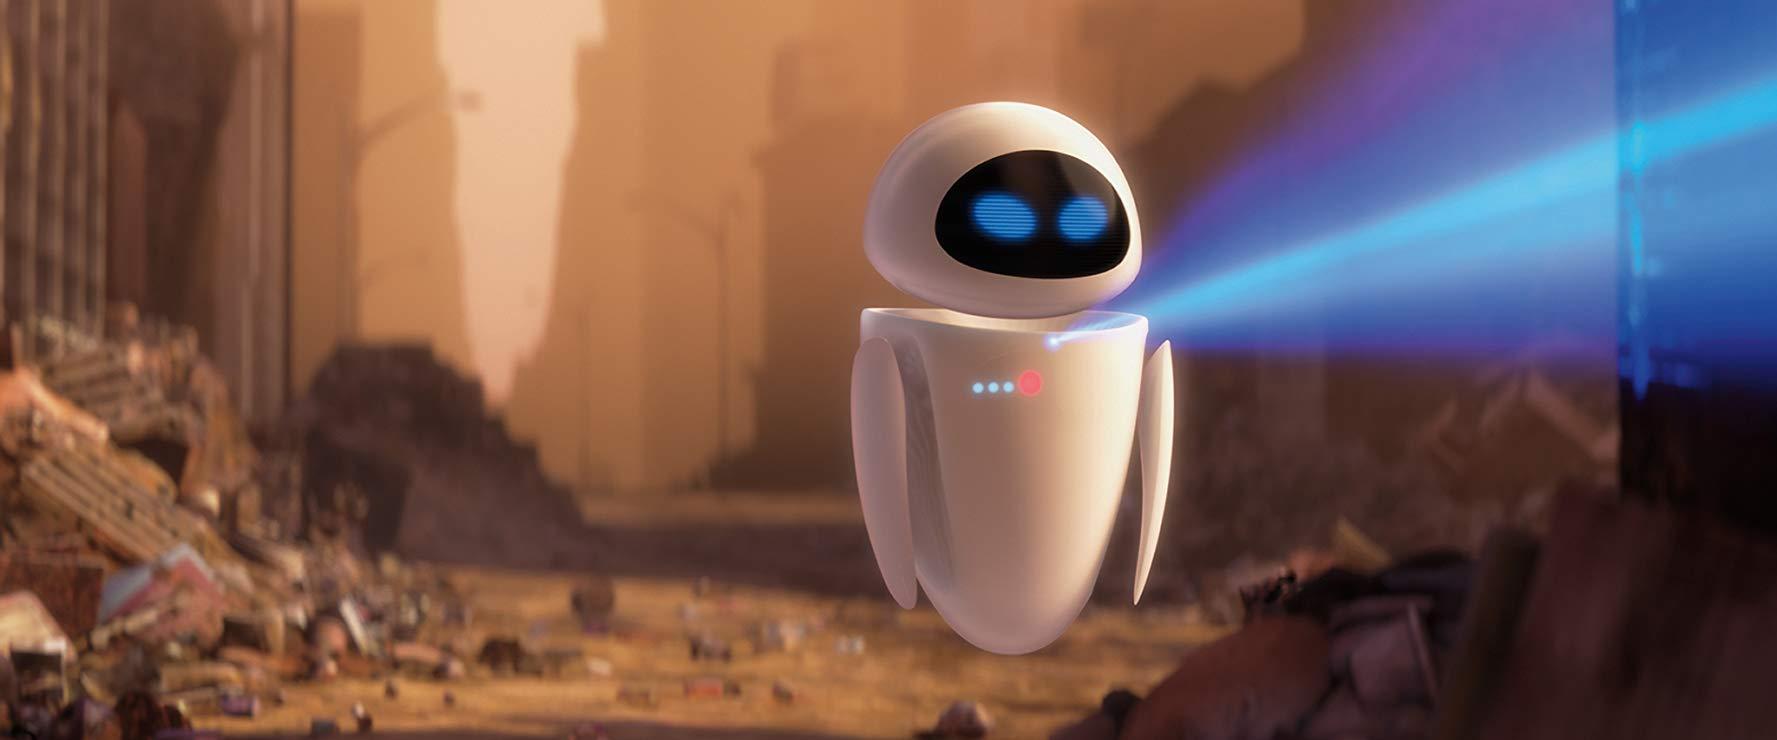 Wall-E หุ่นจิ๋วหัวใจเกินร้อย : สะท้อนปัญหาโลกร้อนแบบคิ้วท์ ๆ - Tonkit360